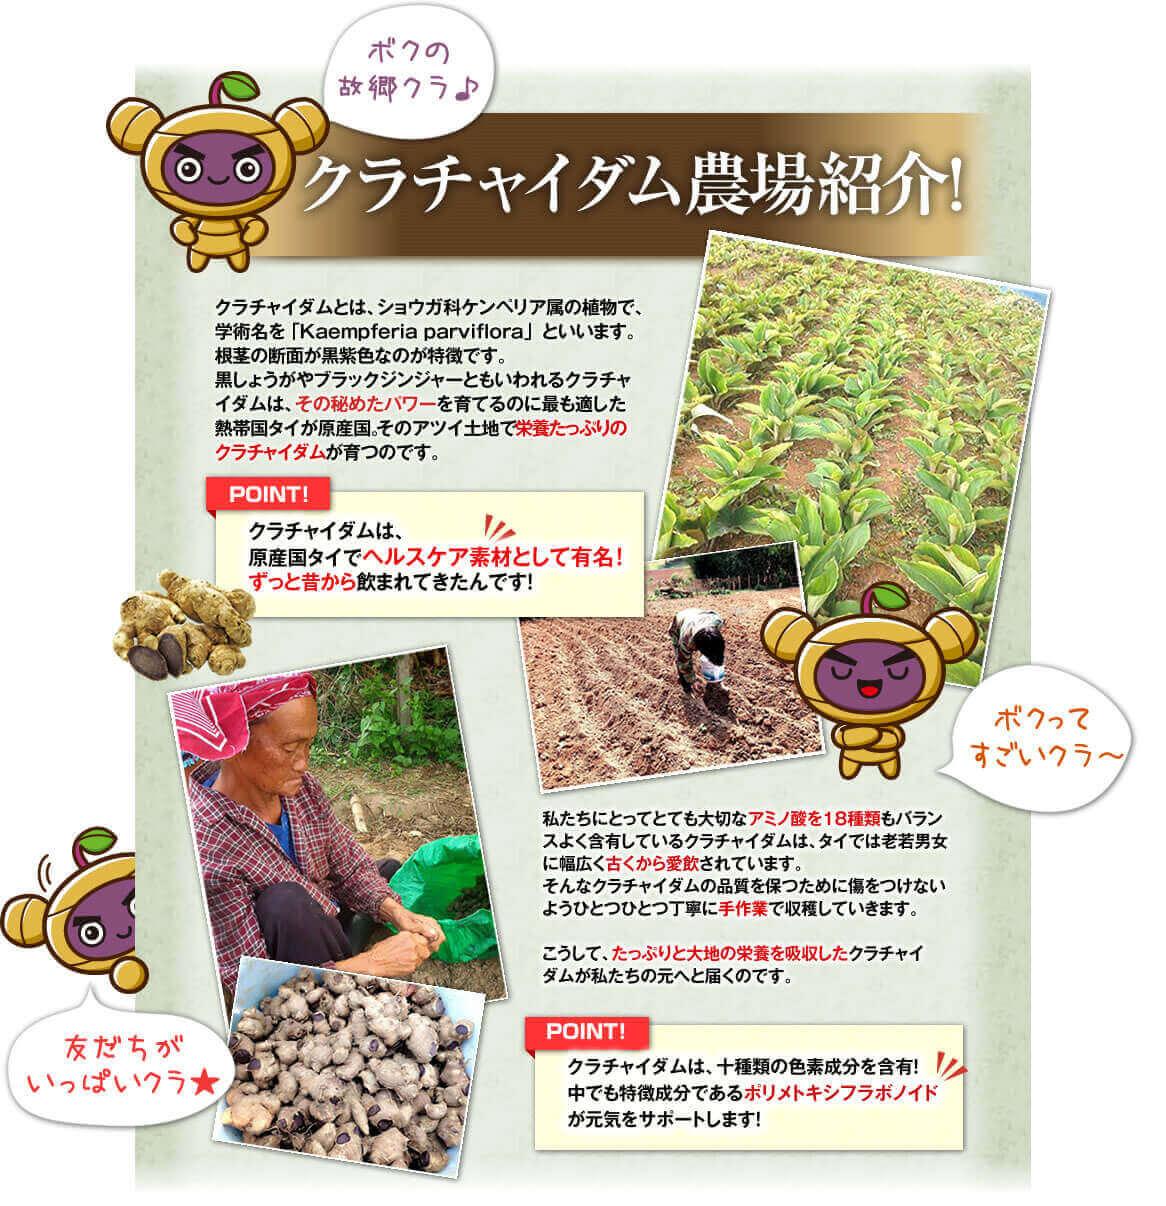 クラチャイダム農業紹介